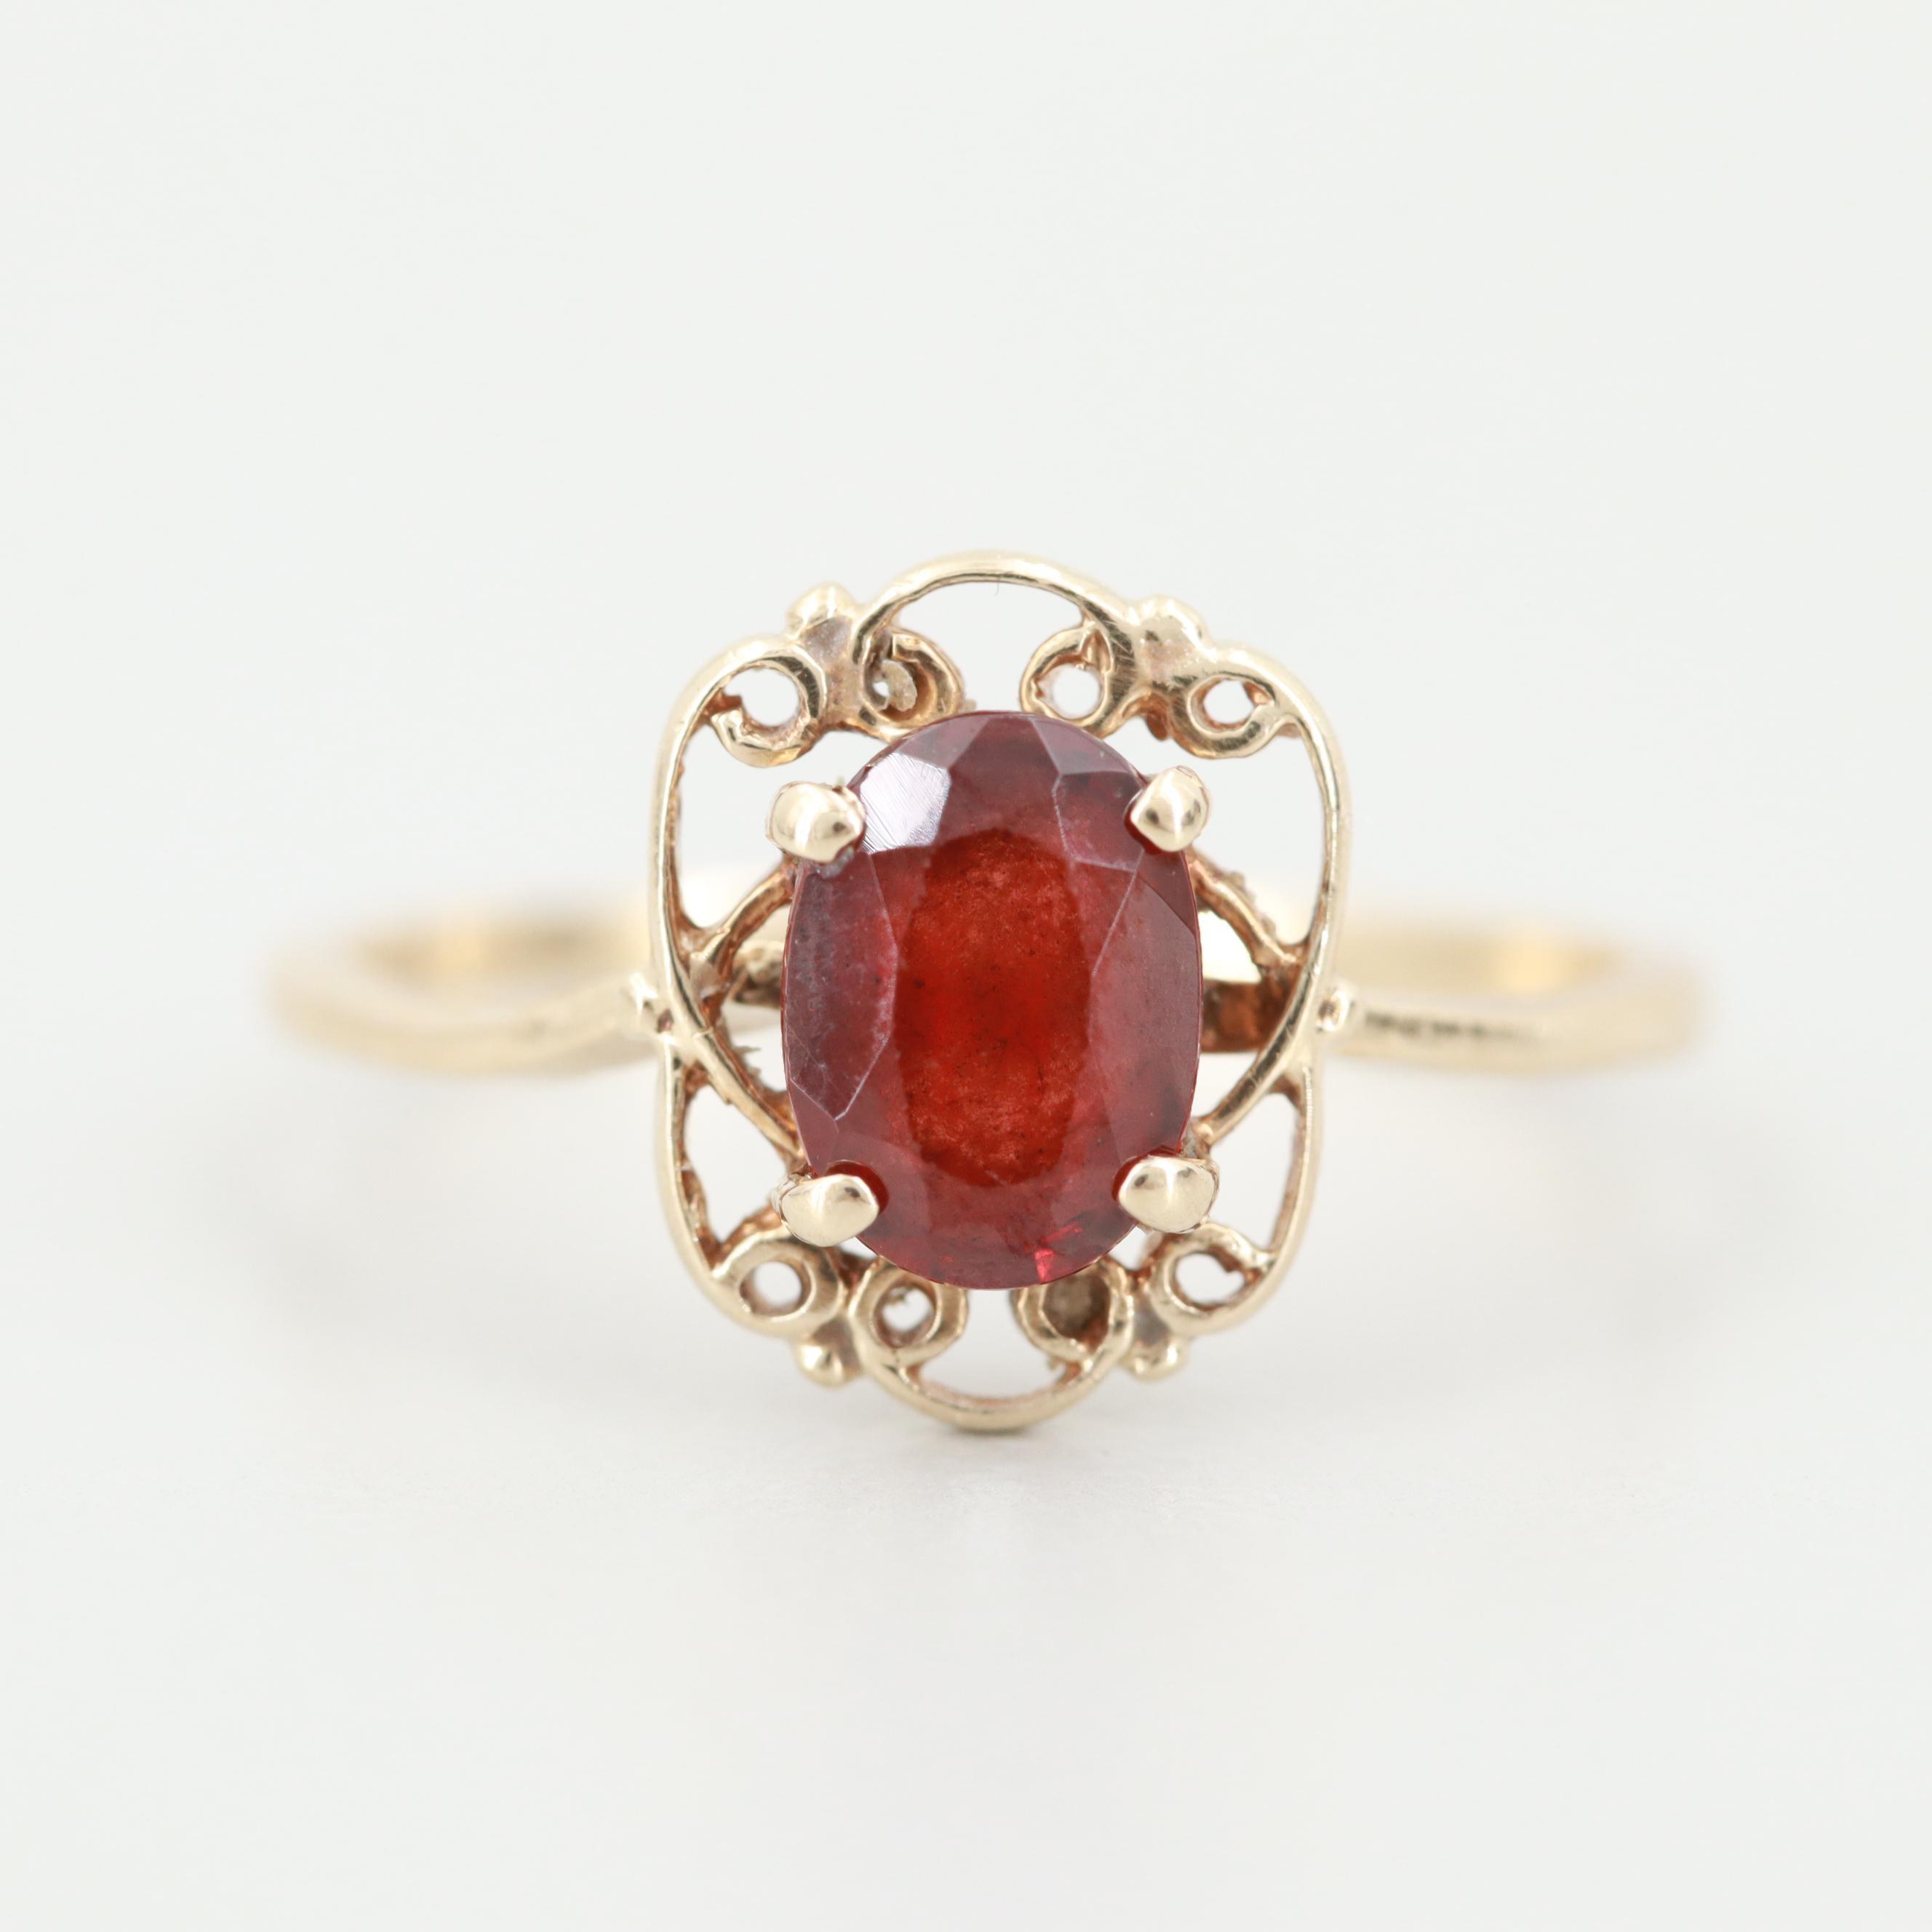 Vintage 10K Yellow Gold Garnet Ring